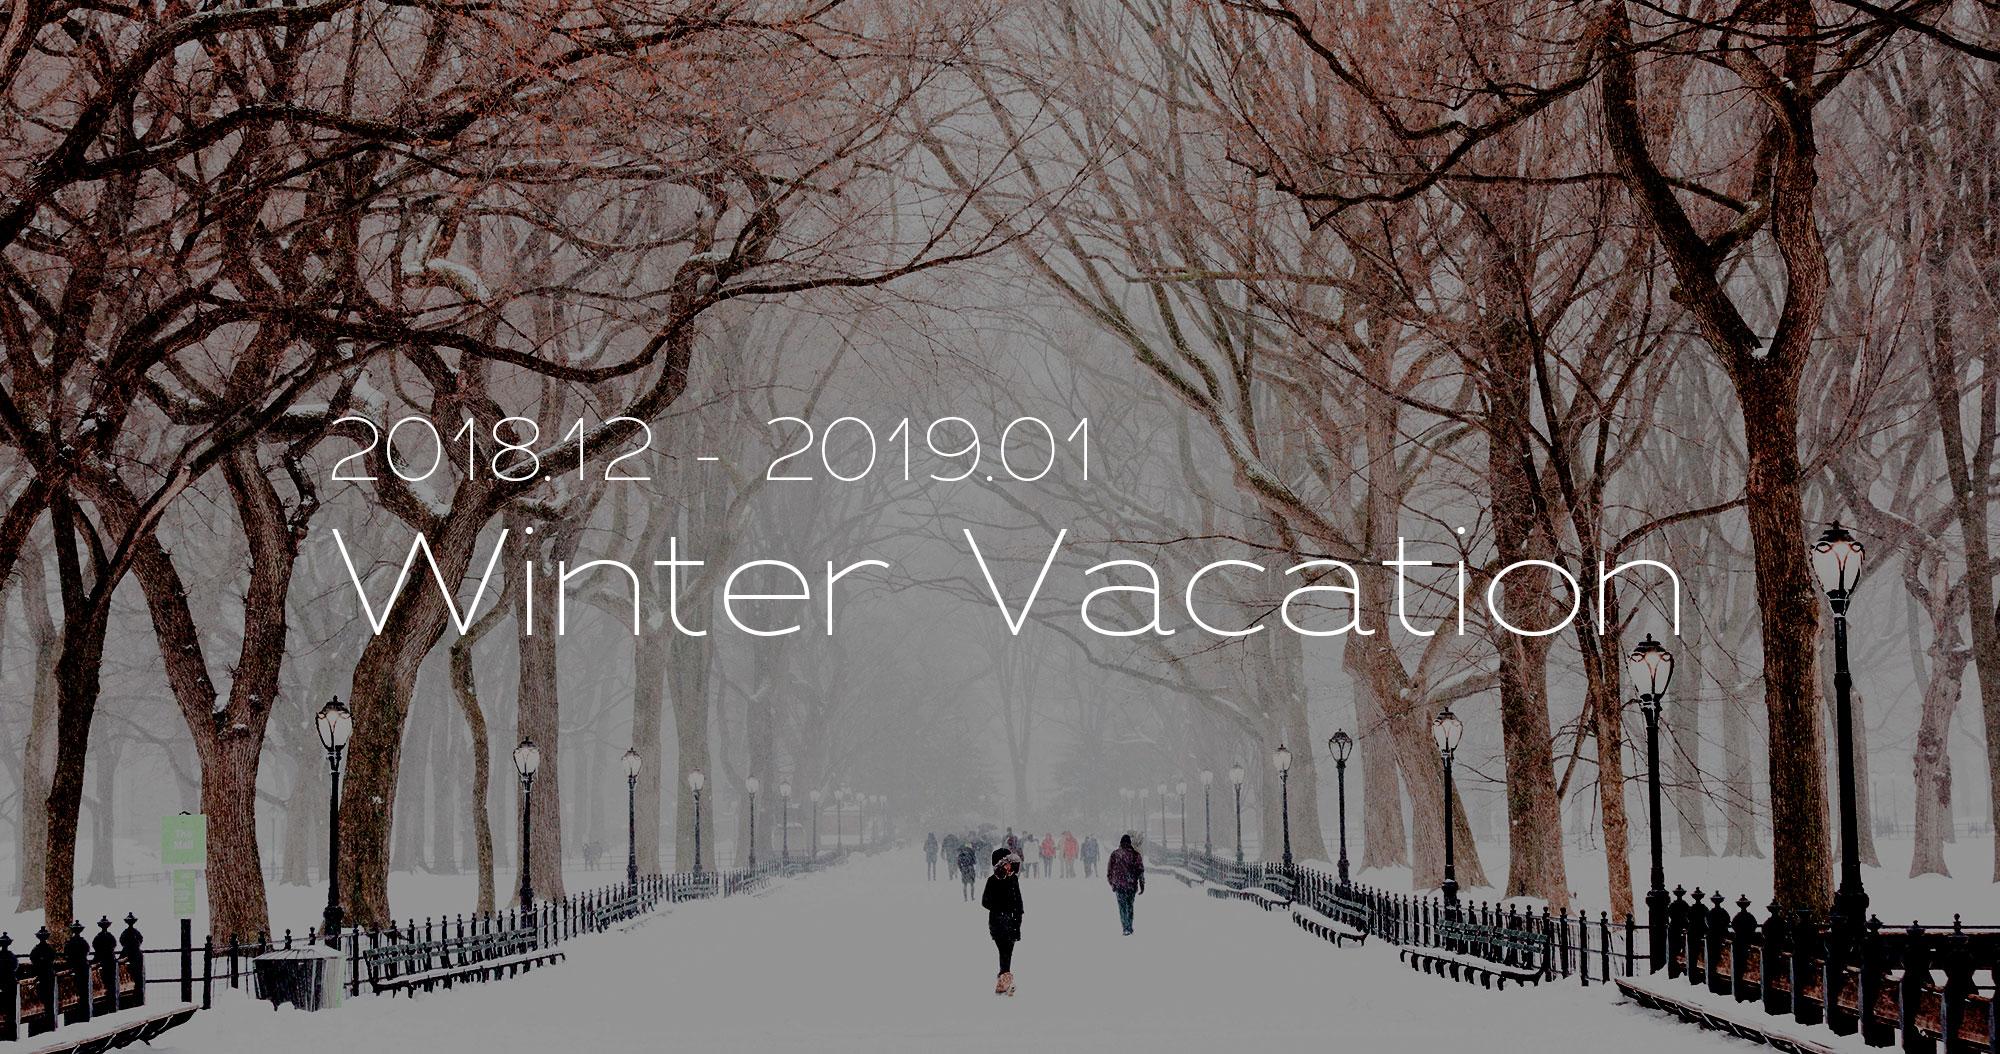 2018年12月から2019年1月の冬季休暇のお知らせ